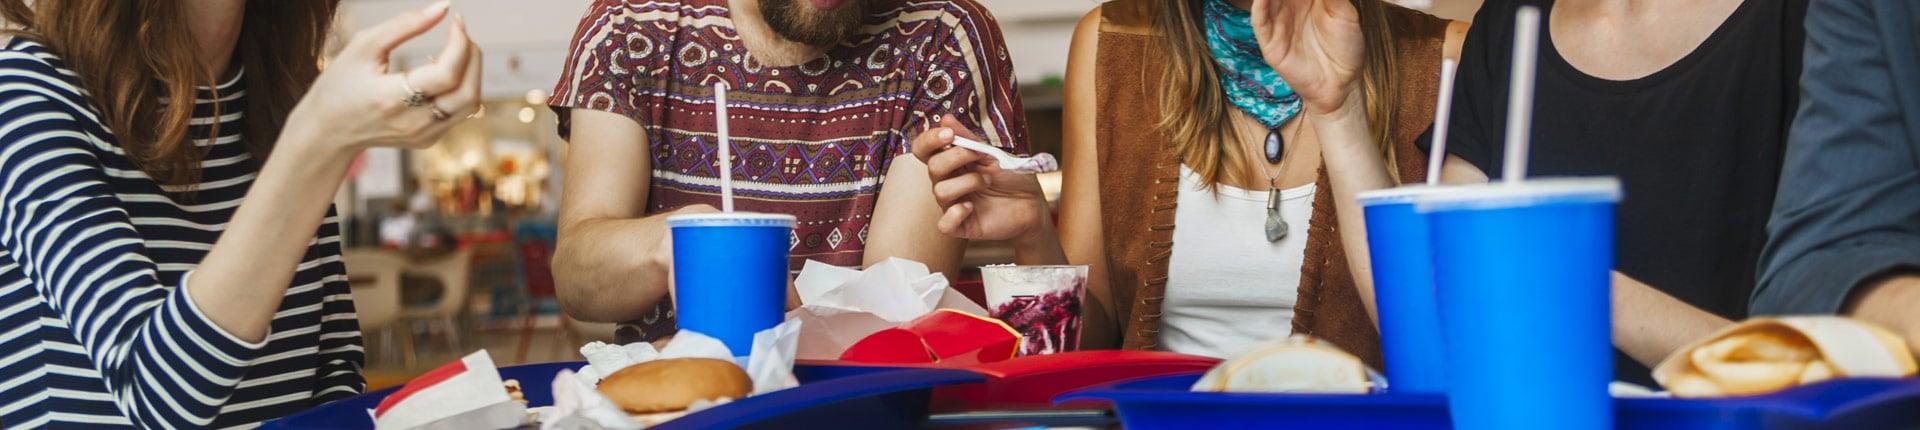 Jak często jadasz fast foody? Fast food wpływ na jelita i zdrowie